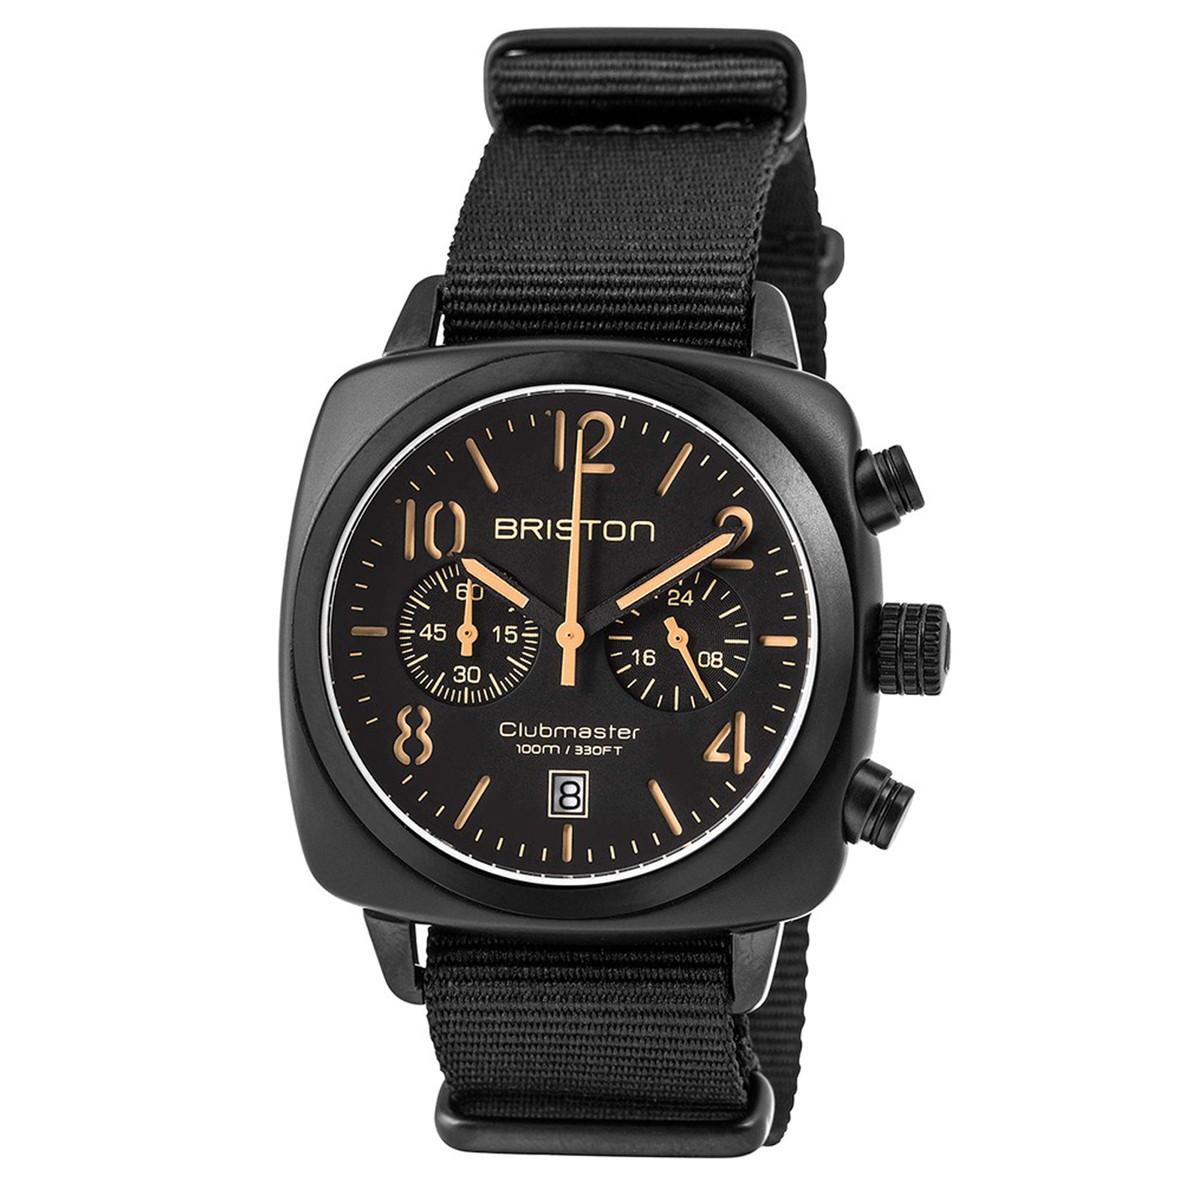 ブリストン BRISTON 公式通販 腕時計 クラブマスタークラシック クロノグラフ CLUBMASTER CLASSIC CHRONOGRAPH BLACK MATT WATCH